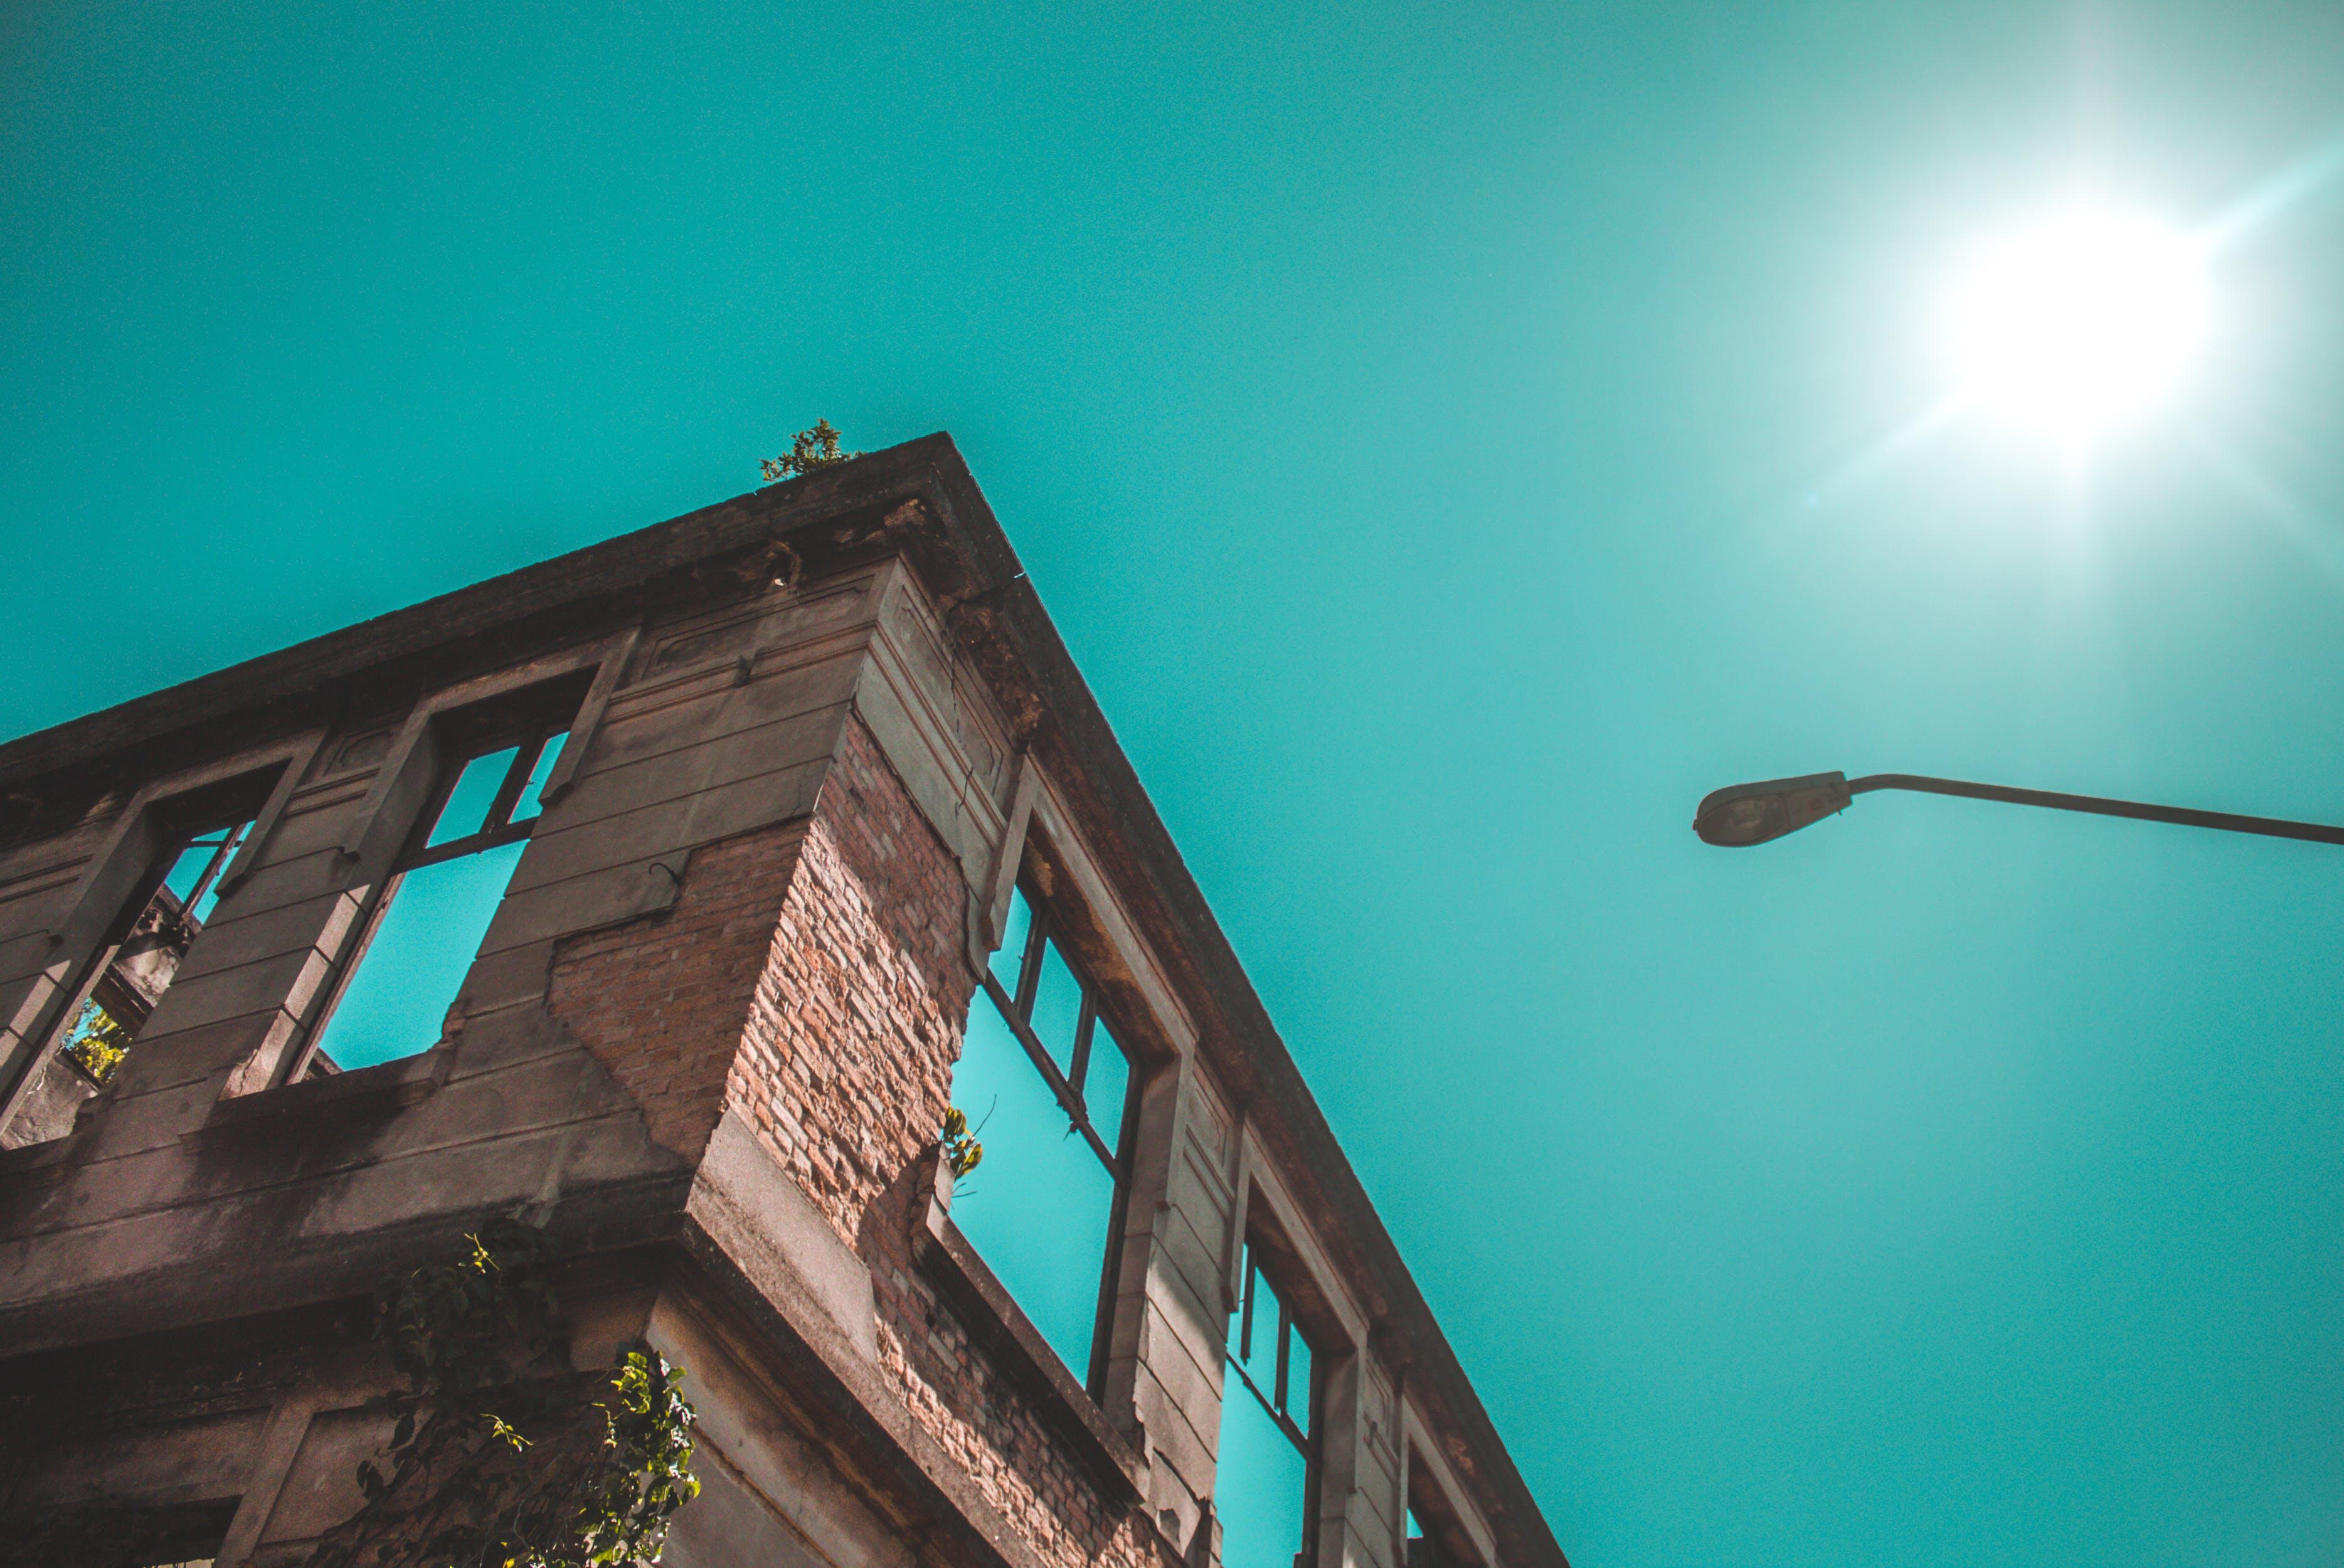 가로등, 건축, 눈 부신 태양, 로앵글 촬영의 무료 스톡 사진